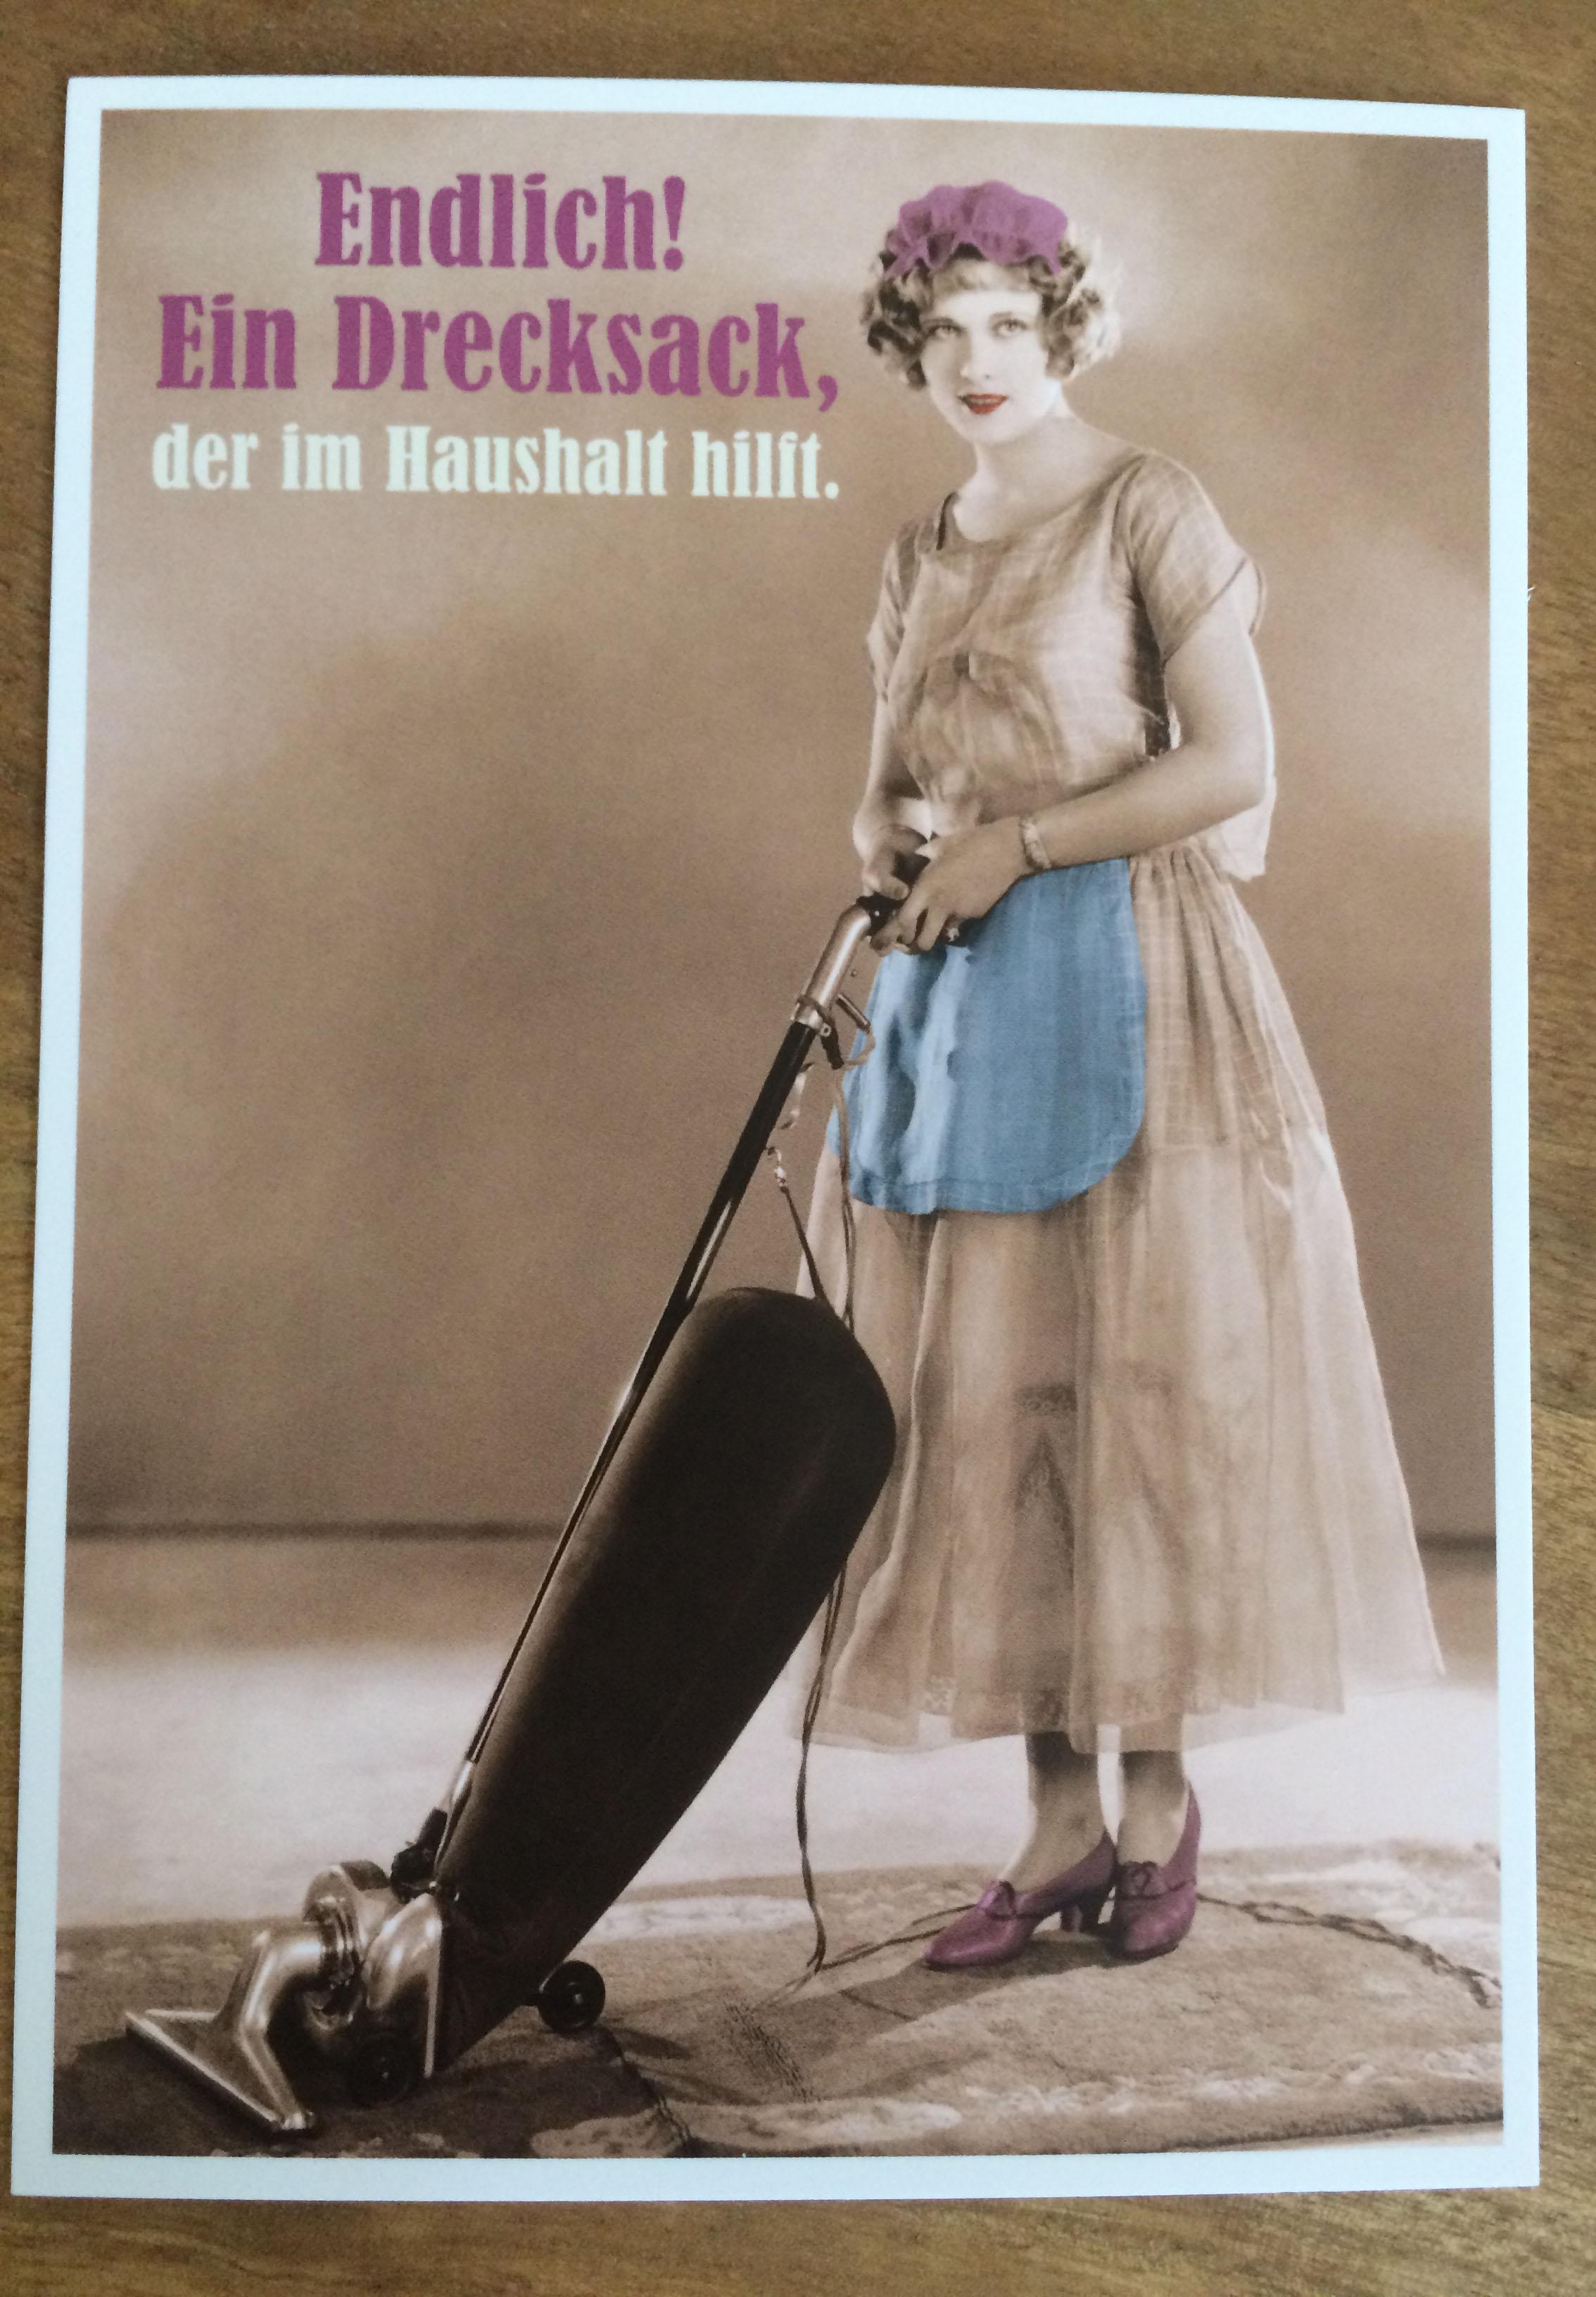 Postkarte Karte Endlich Ein Drecksack der im Haushalt hilft. Paloma